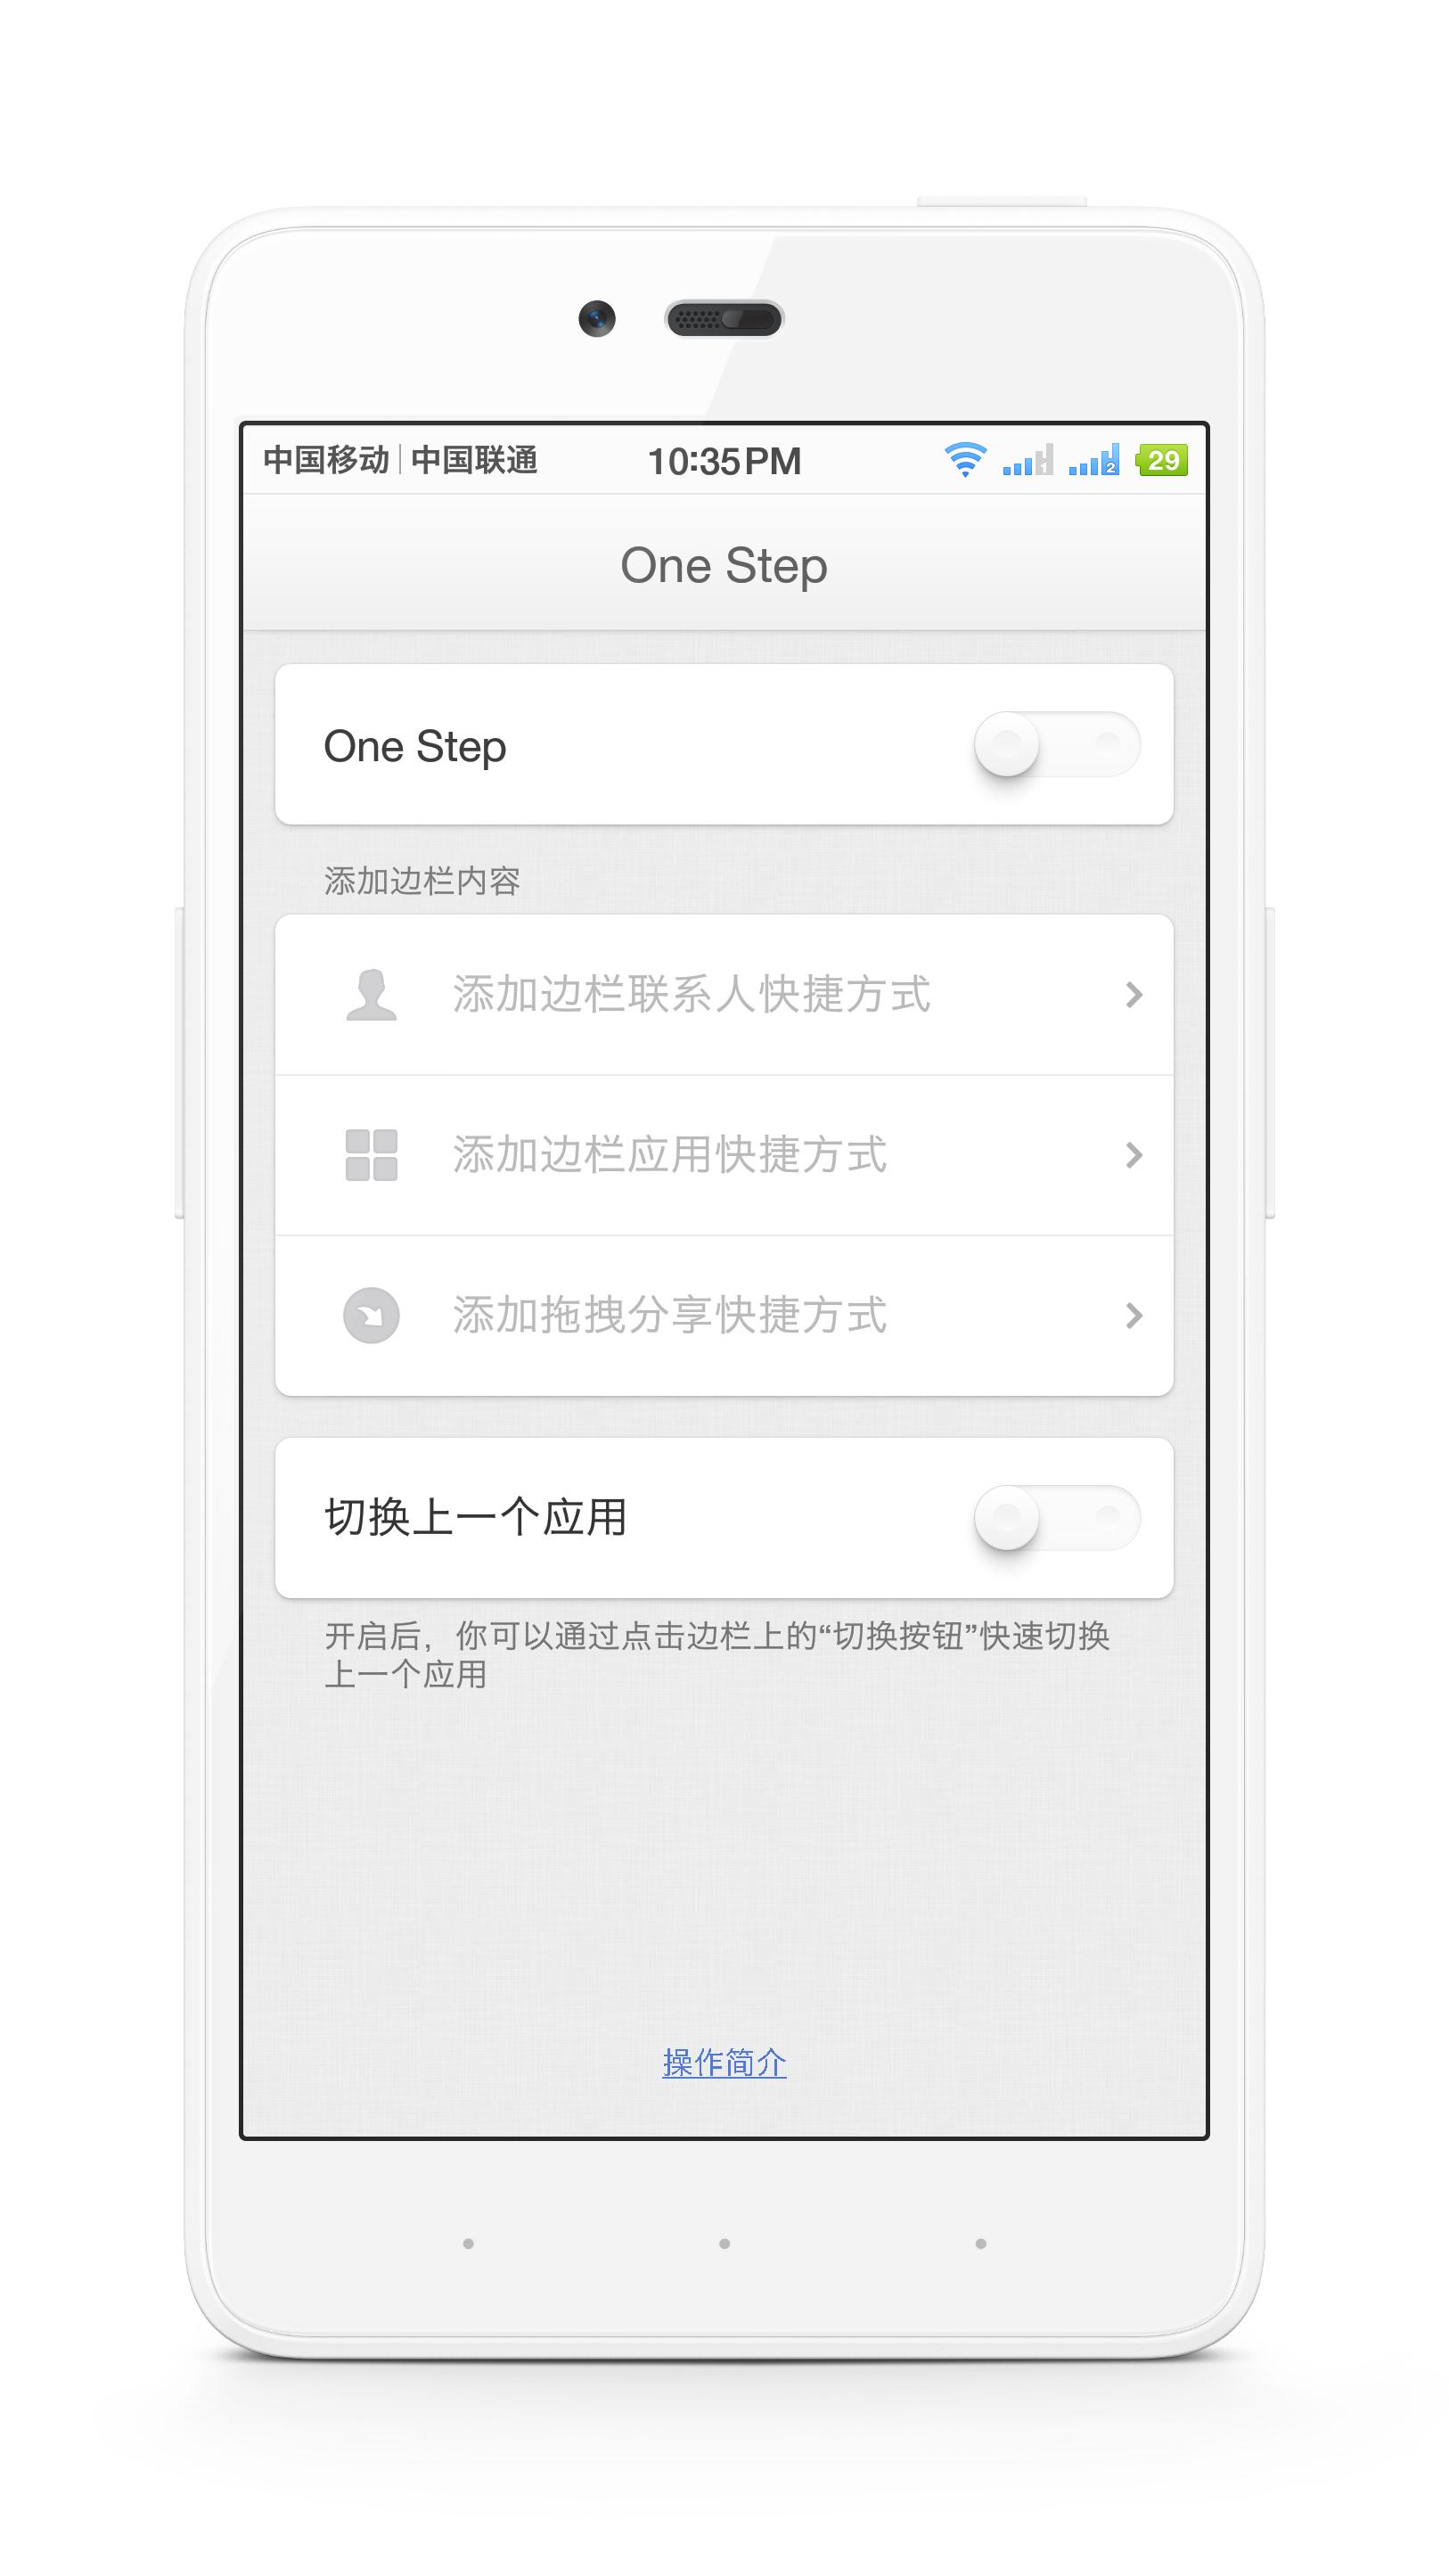 Screenshot_2016-10-22-22-35-08-616_One Step(1).png